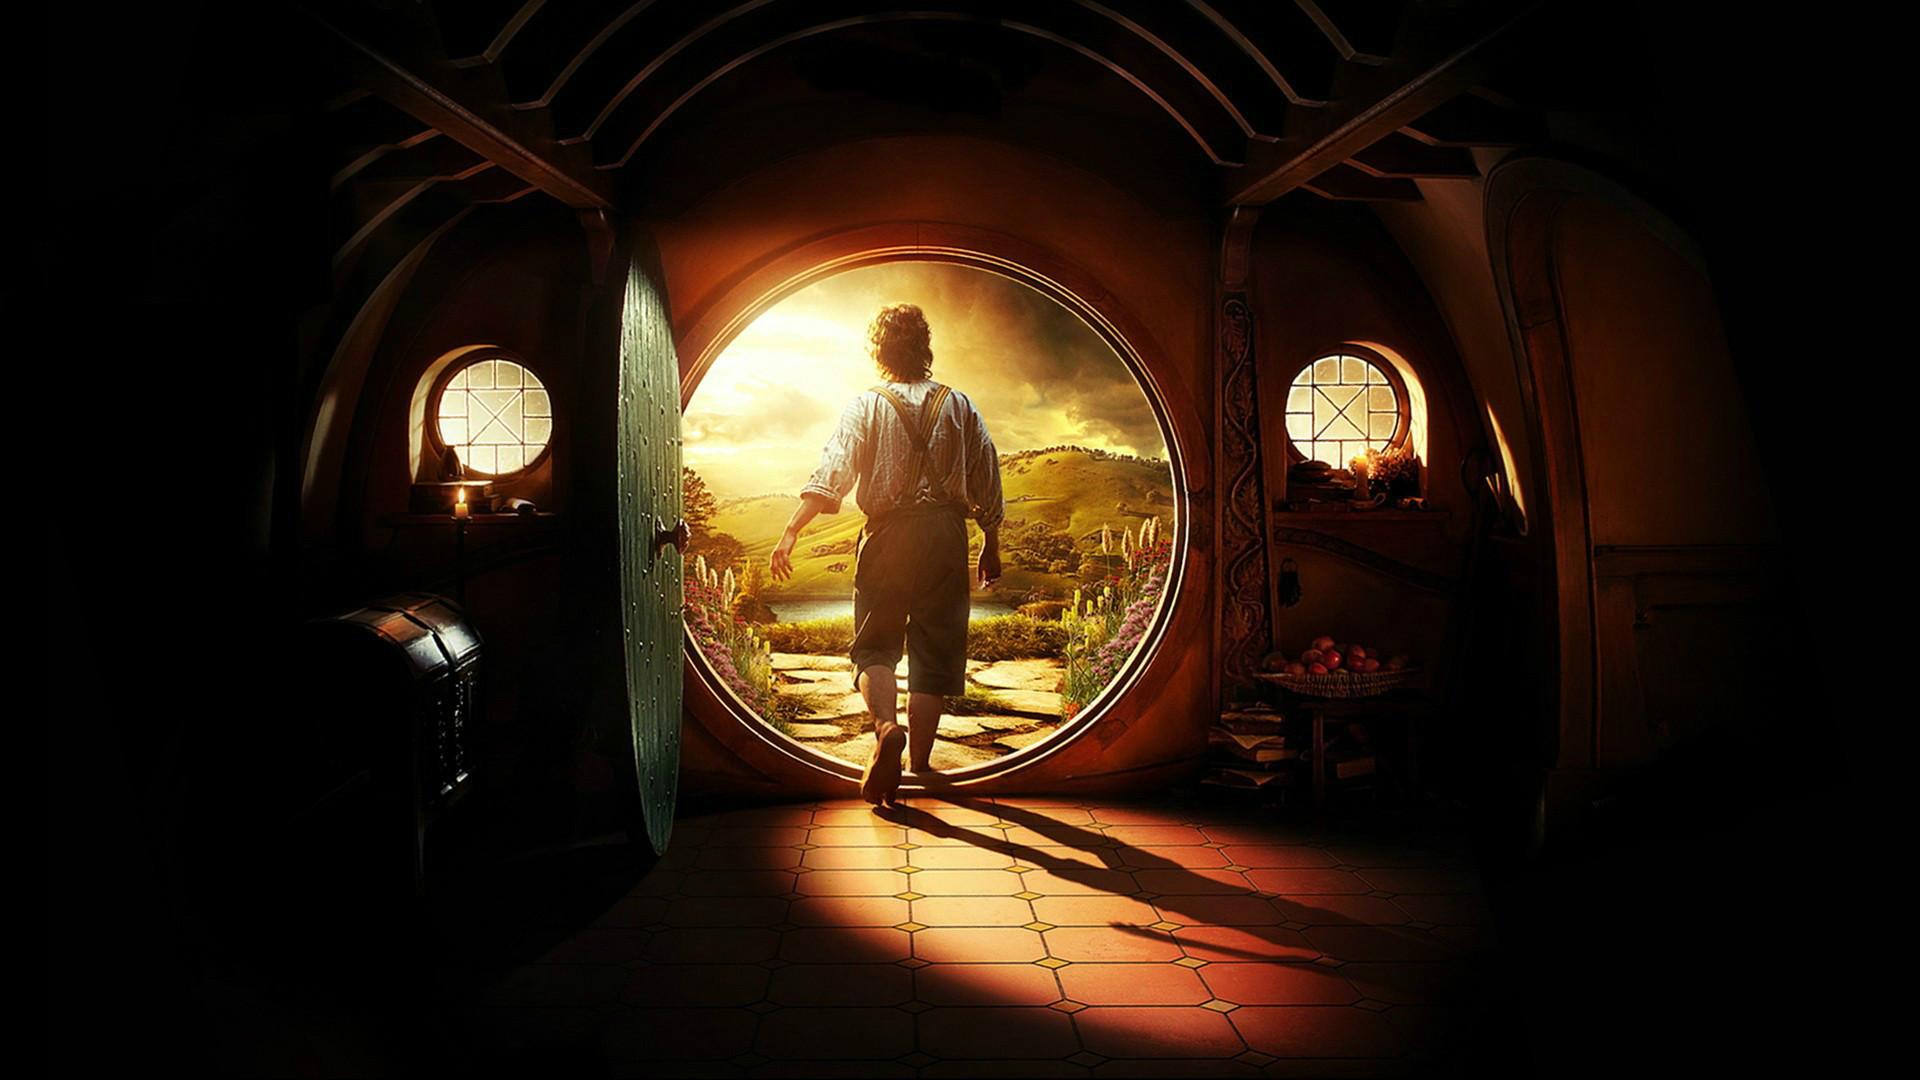 wallpaper hobbit memes widescreen hollywood widscreen 1920x1080